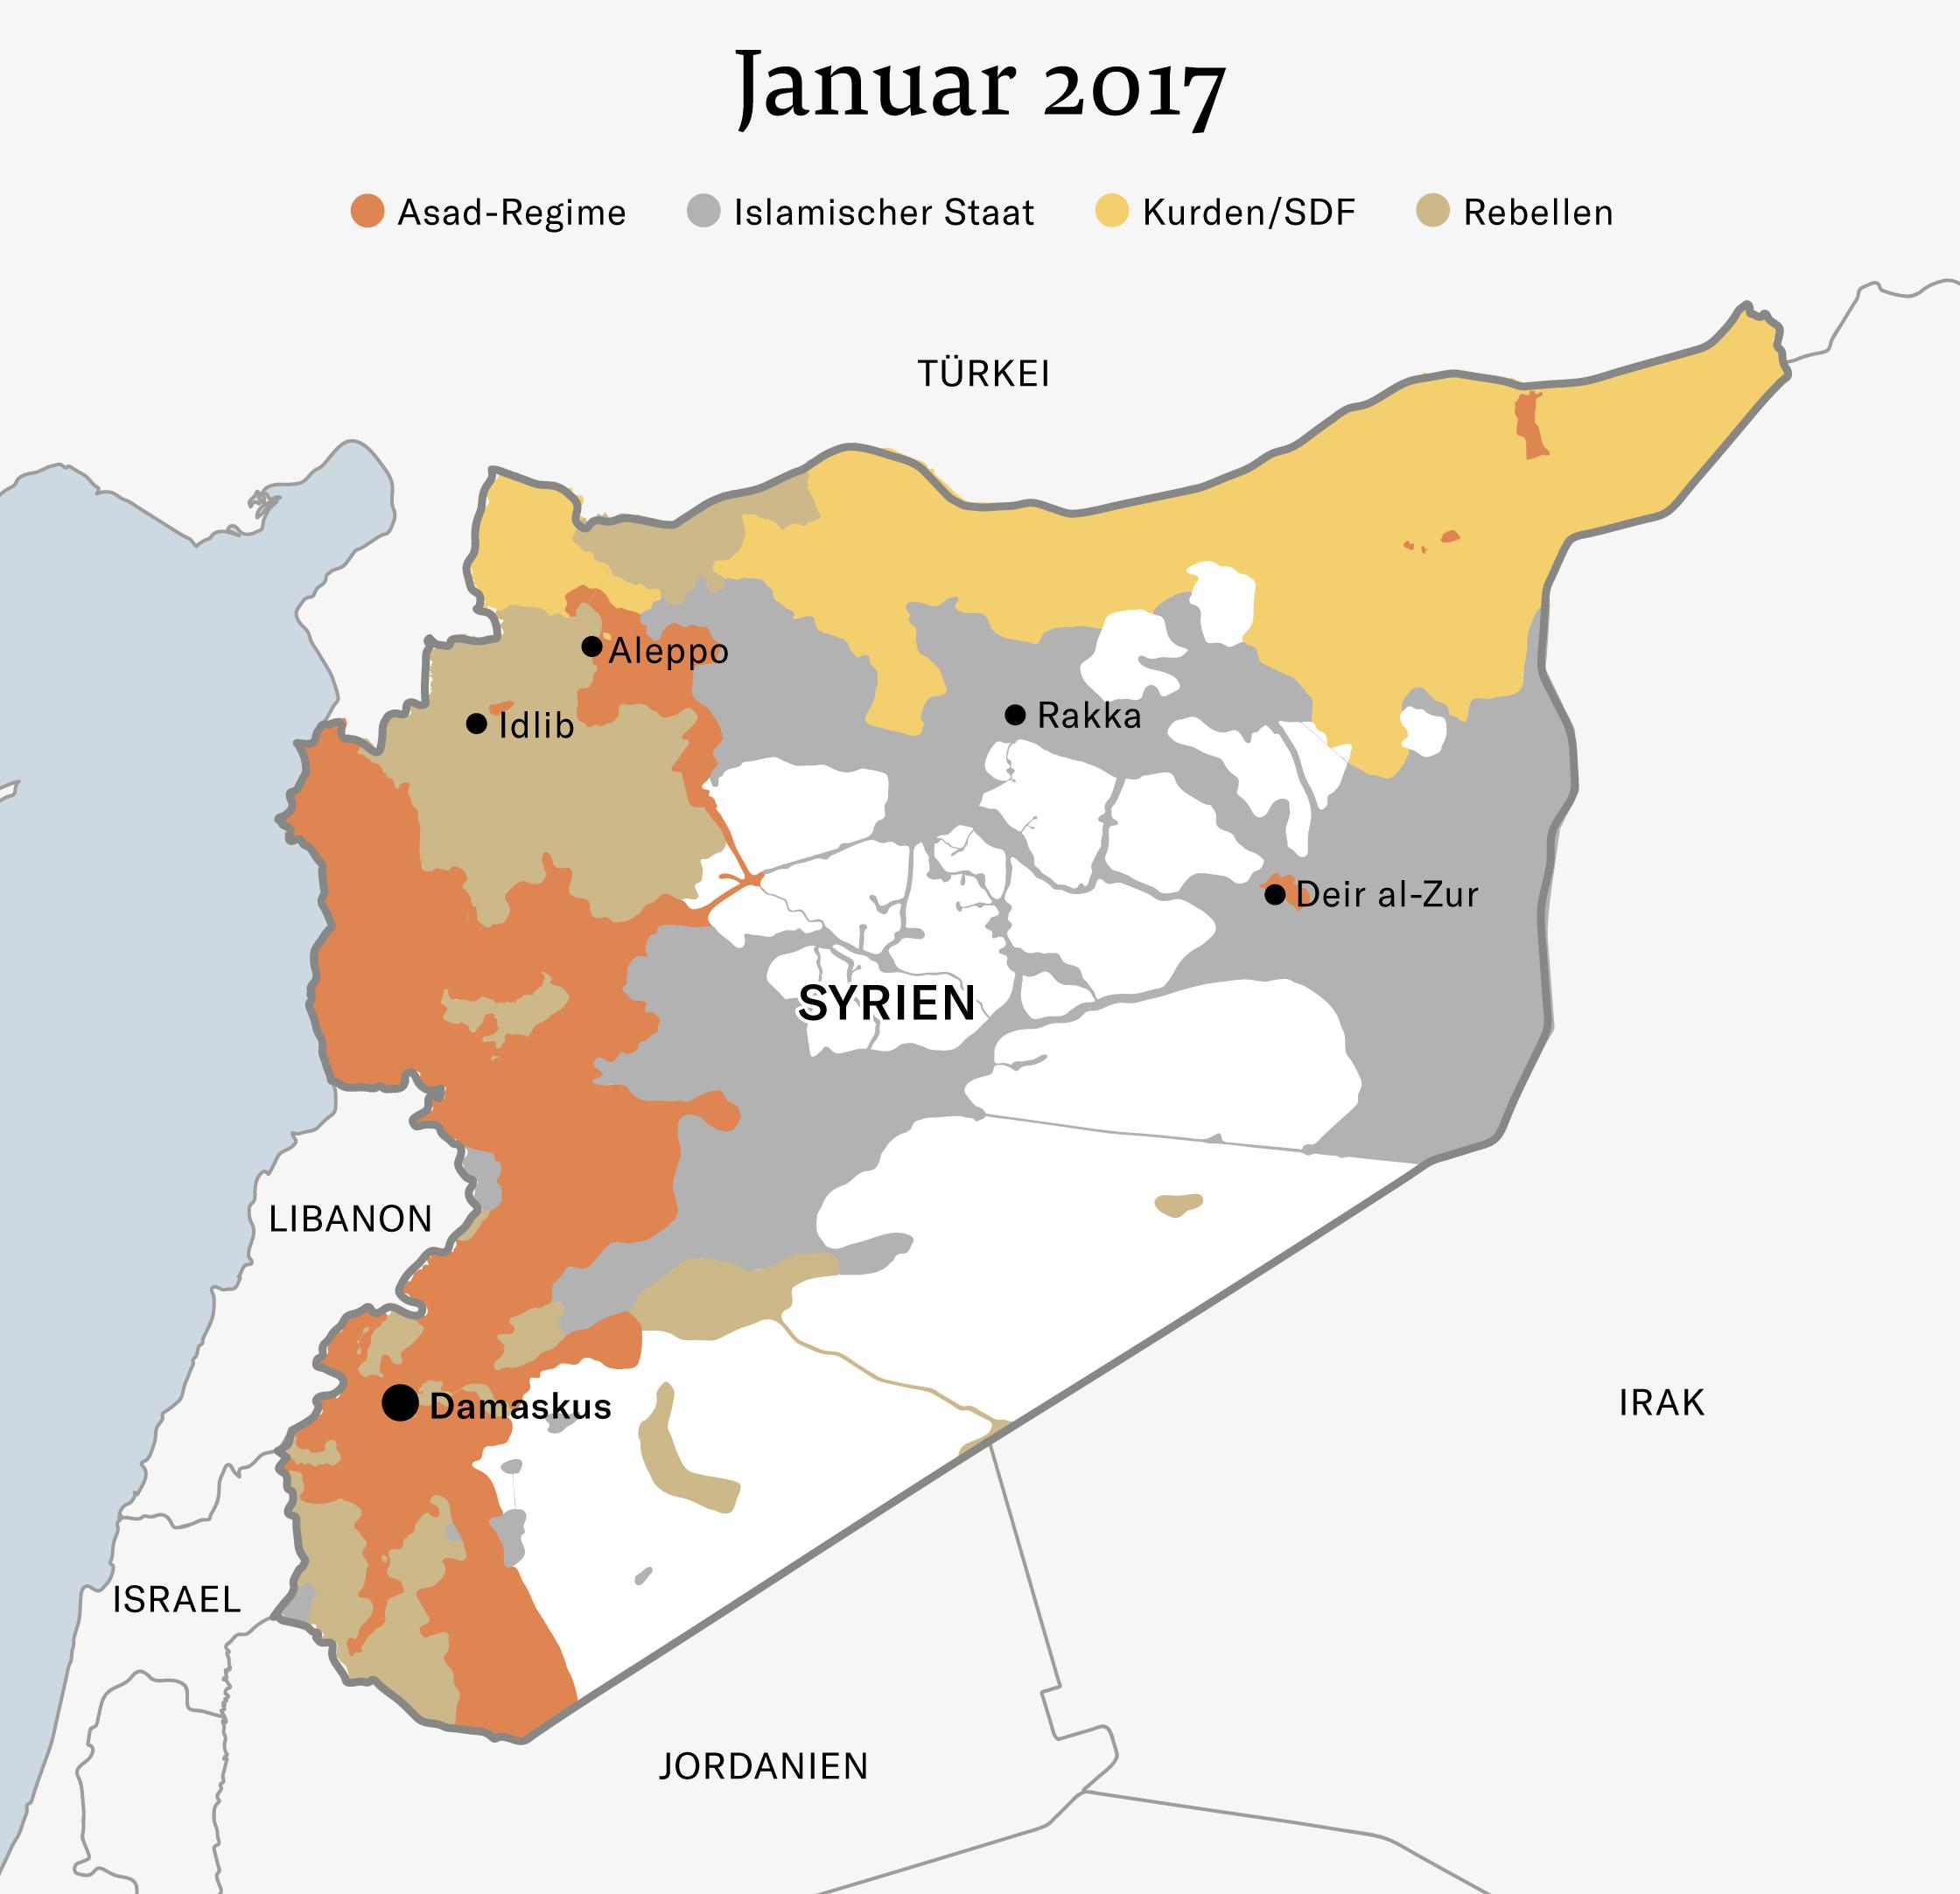 Karte Syrien Irak.Syrien Antworten Zur Lage Im Syrien Konflikt Nzz